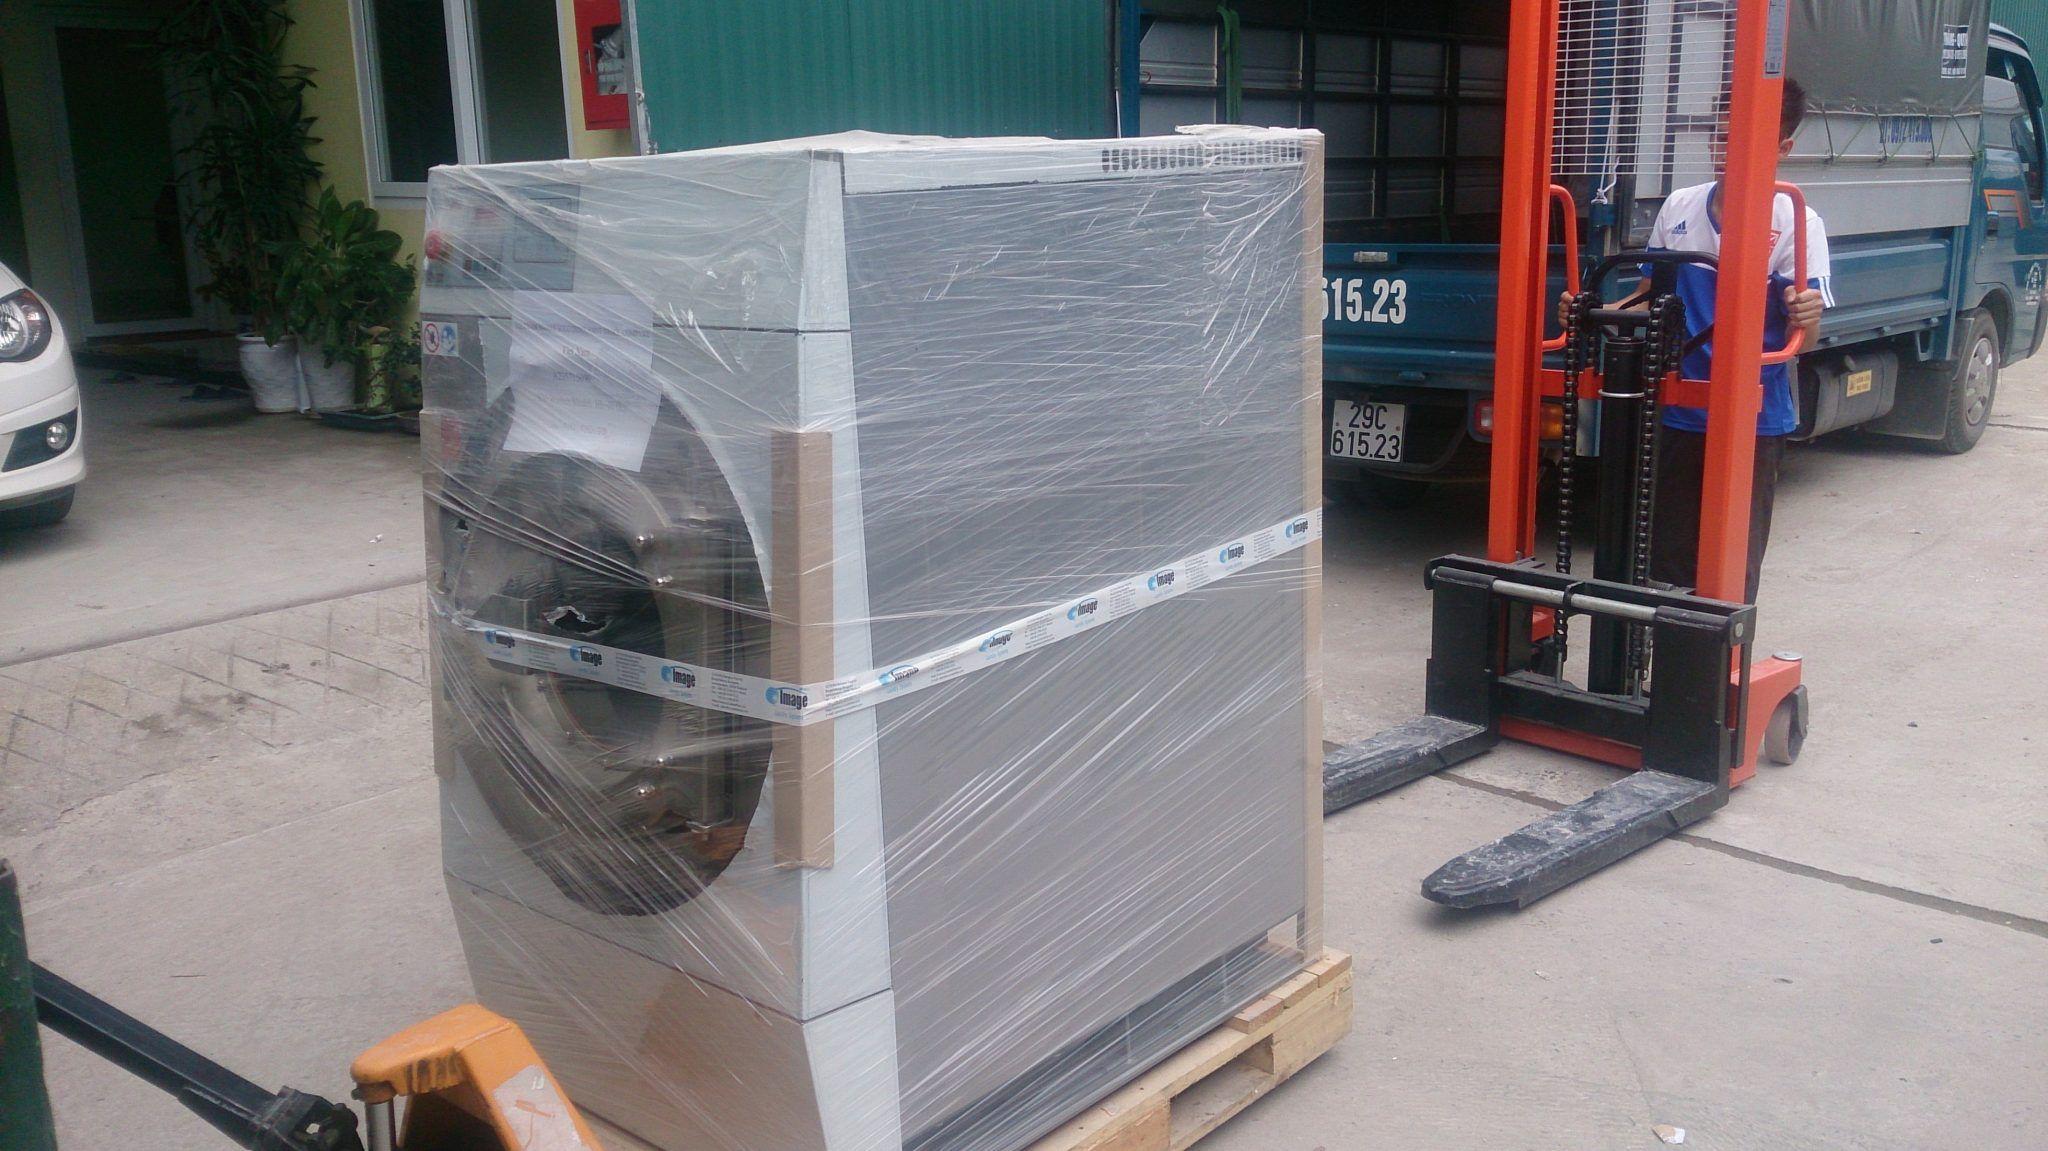 Đánh giá máy giặt công nghiệp Thái Lan giúp chúng ta có thể nhìn nhận rõ  hơn về dòng máy giặt công nghiệp Image hay Maxi từ Thái Lan .…